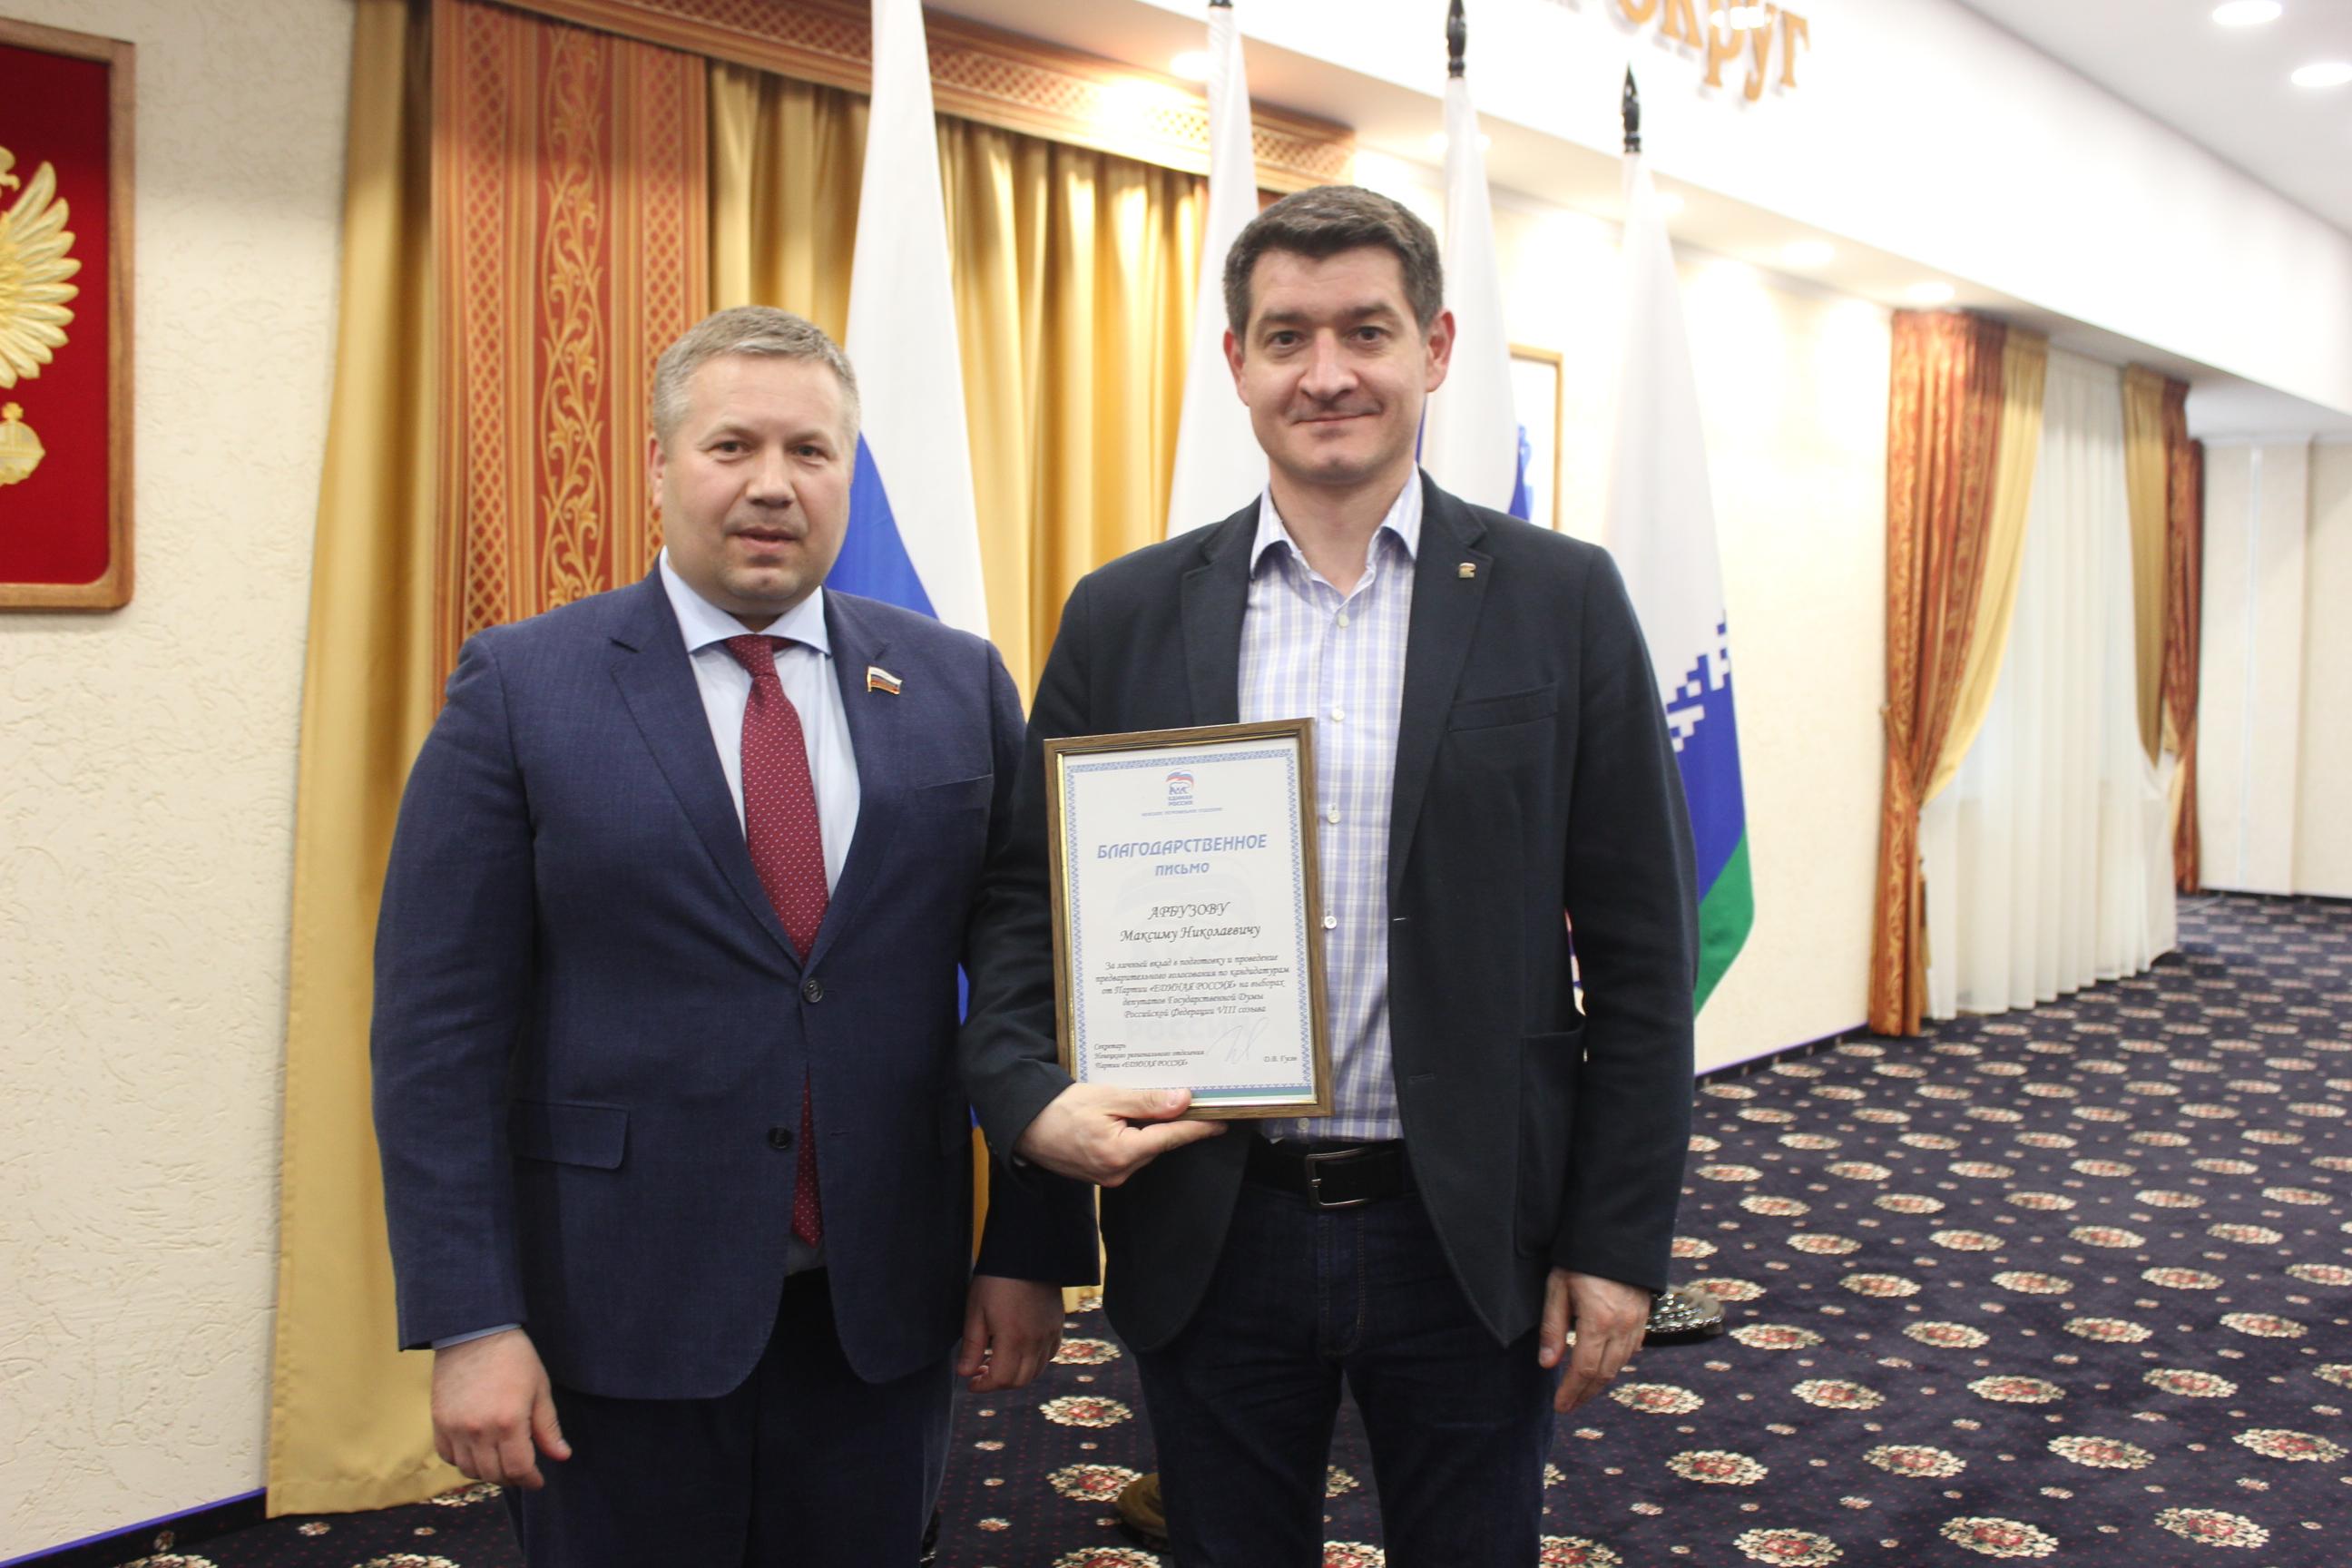 Секретарь НРО Денис Гусев вручил благодарность от имени реготделения партии руководителю оргкомитета по проведению ПГ Максиму Арбузову